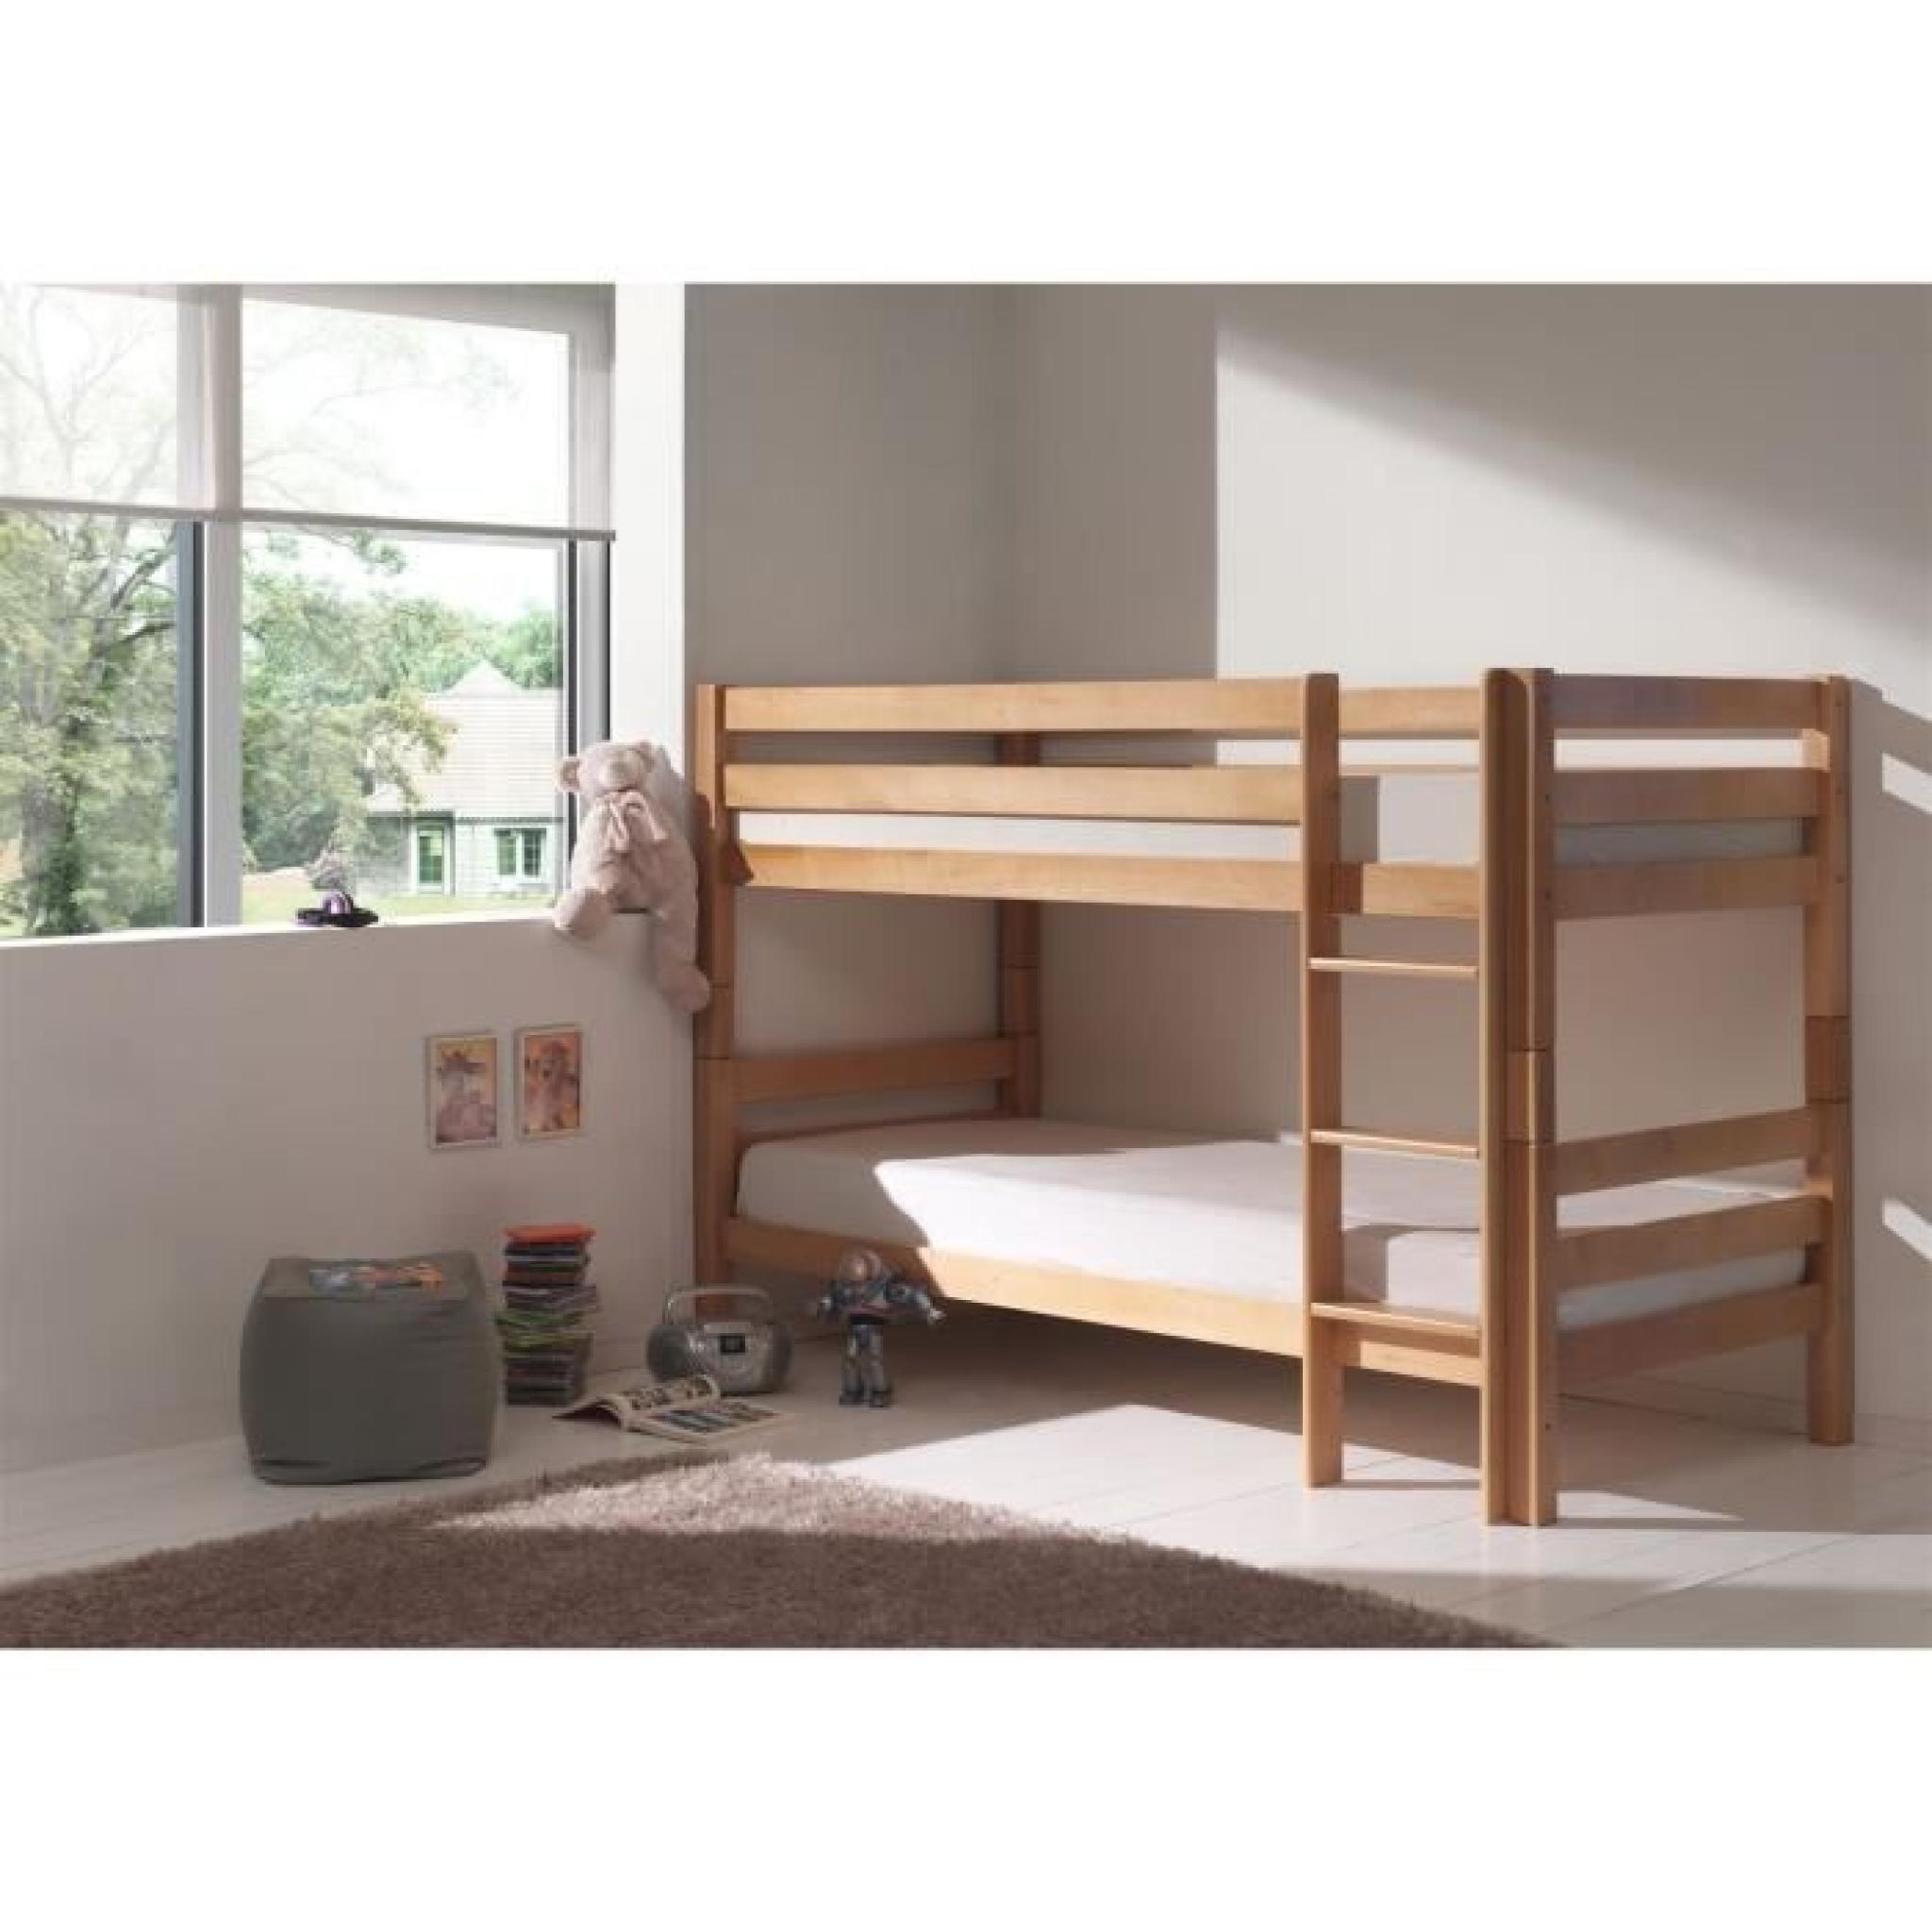 forrest lit enfant superpos 140cm h tre massif achat vente lit superpose pas cher couleur. Black Bedroom Furniture Sets. Home Design Ideas